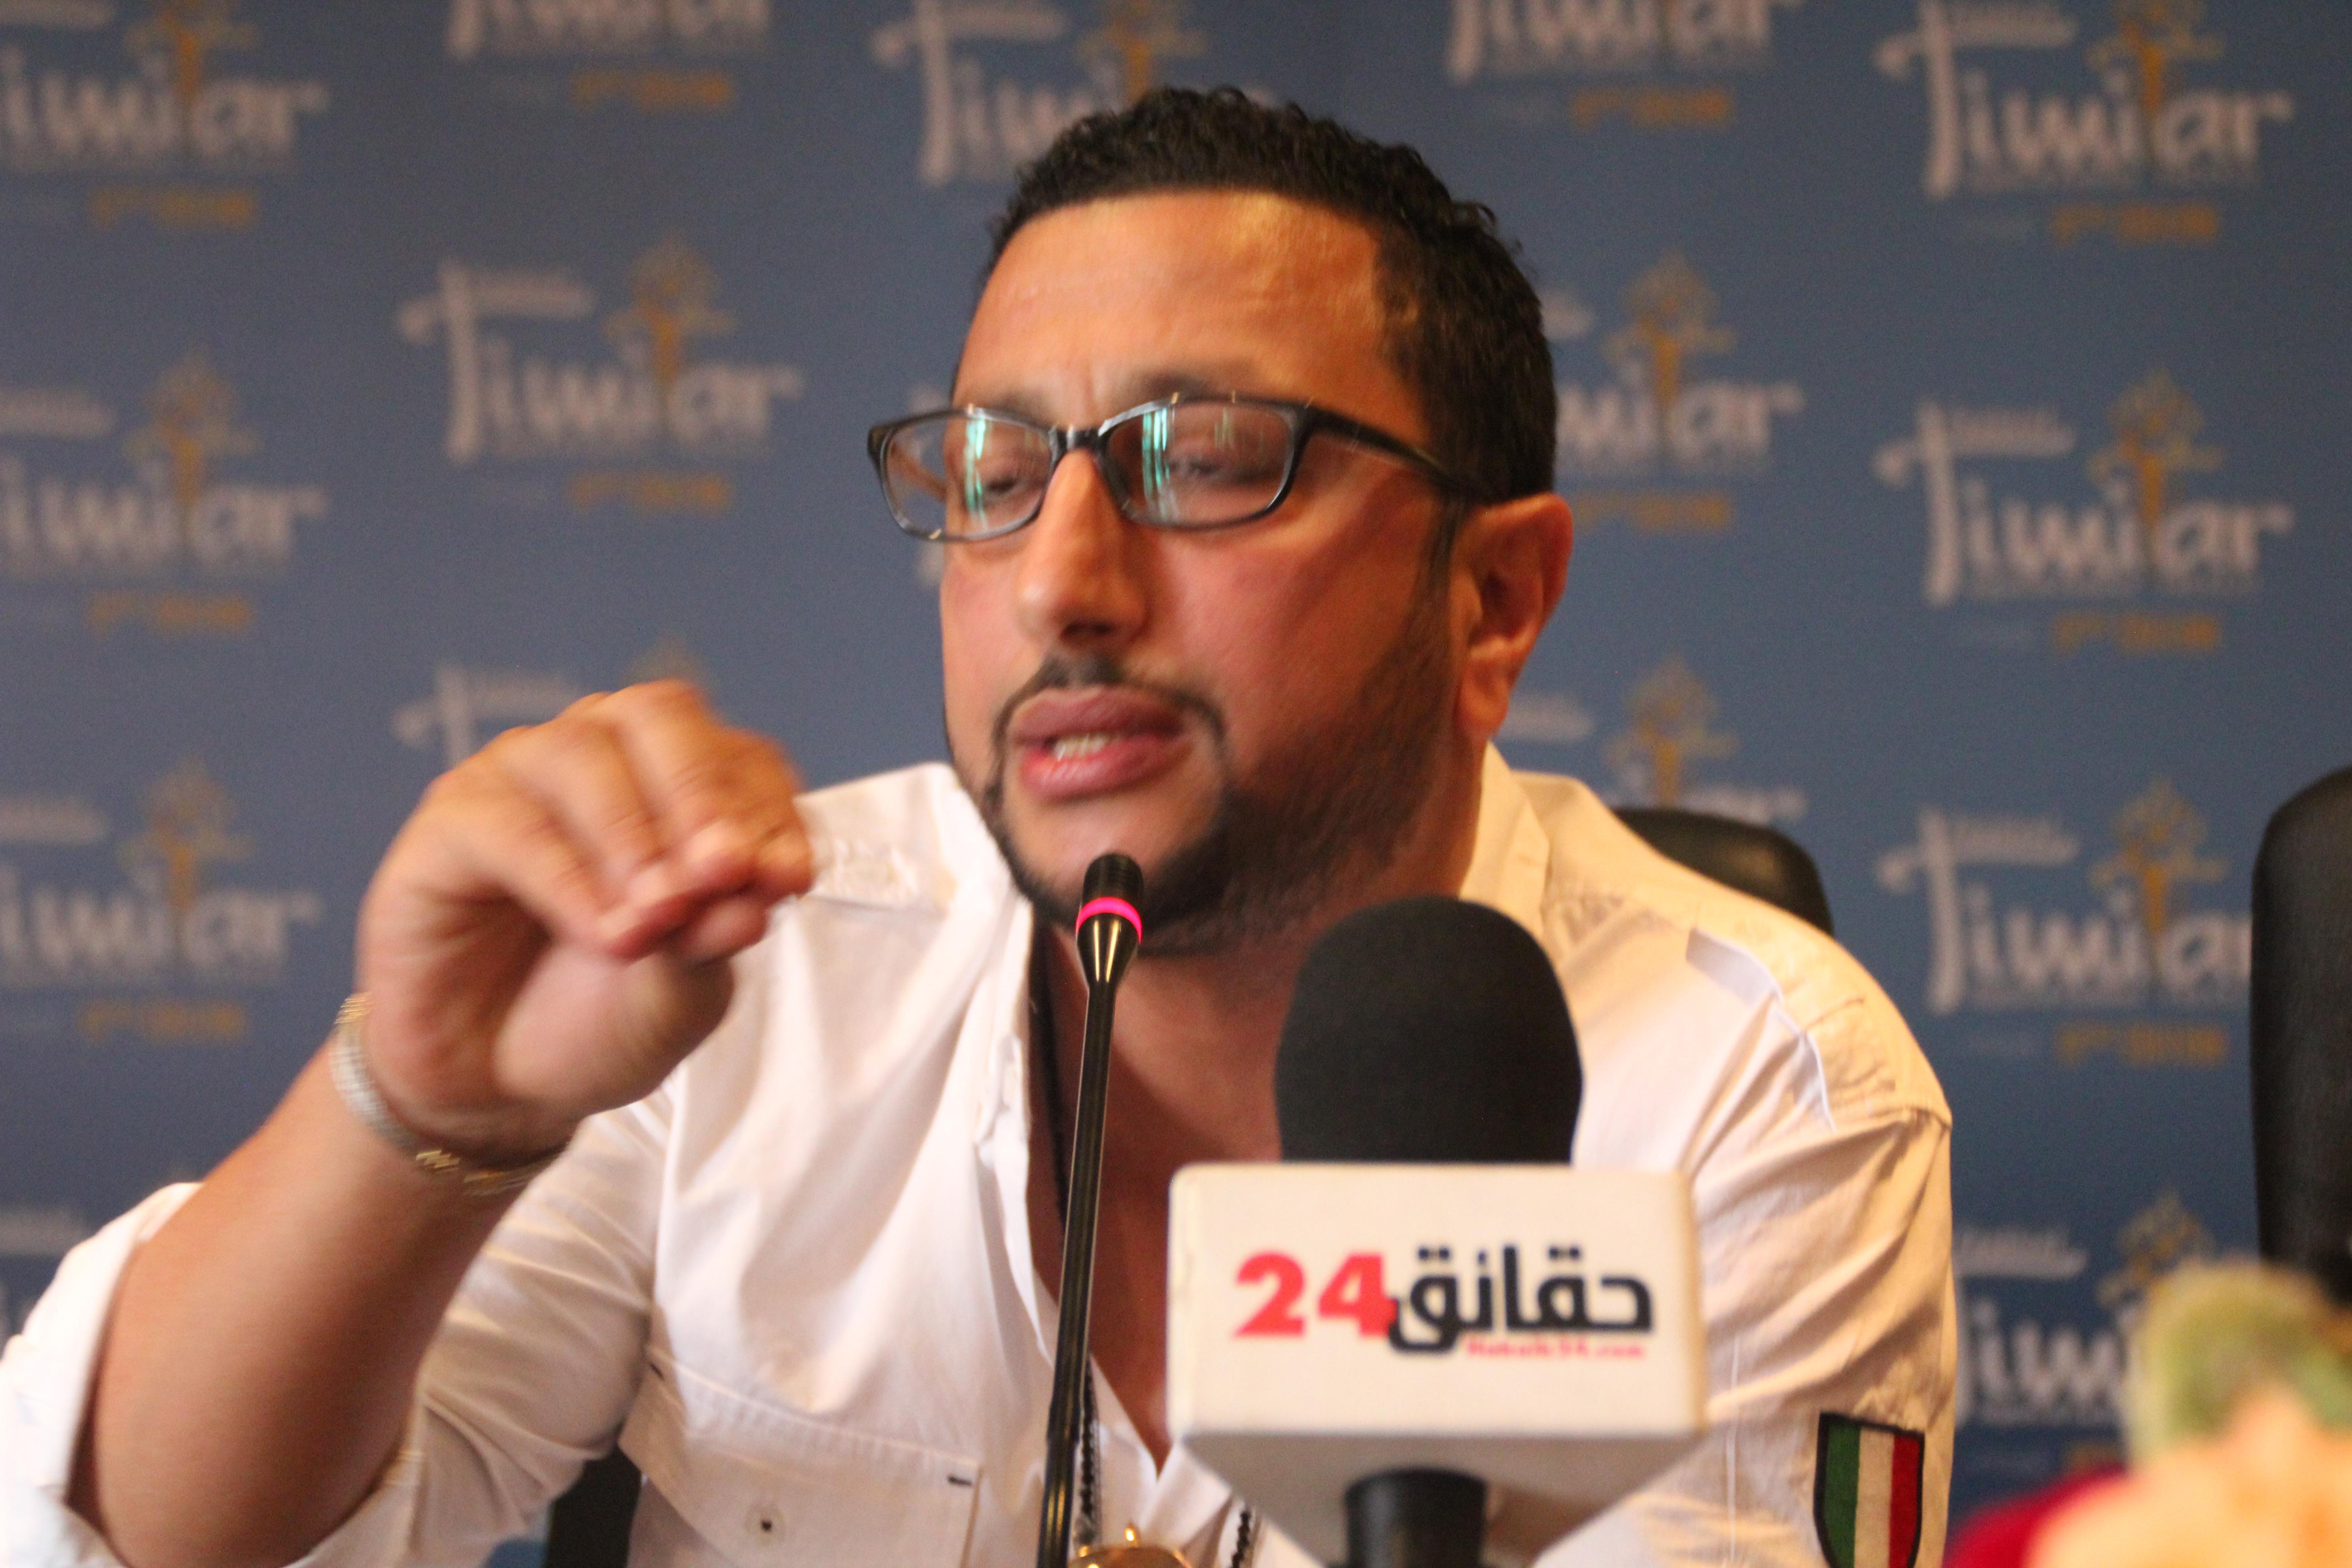 """عبد الله الداودي ل """"حقائق24 """" هناك من يريد تحقيق الشهرة على حساب شرف الاخرين"""